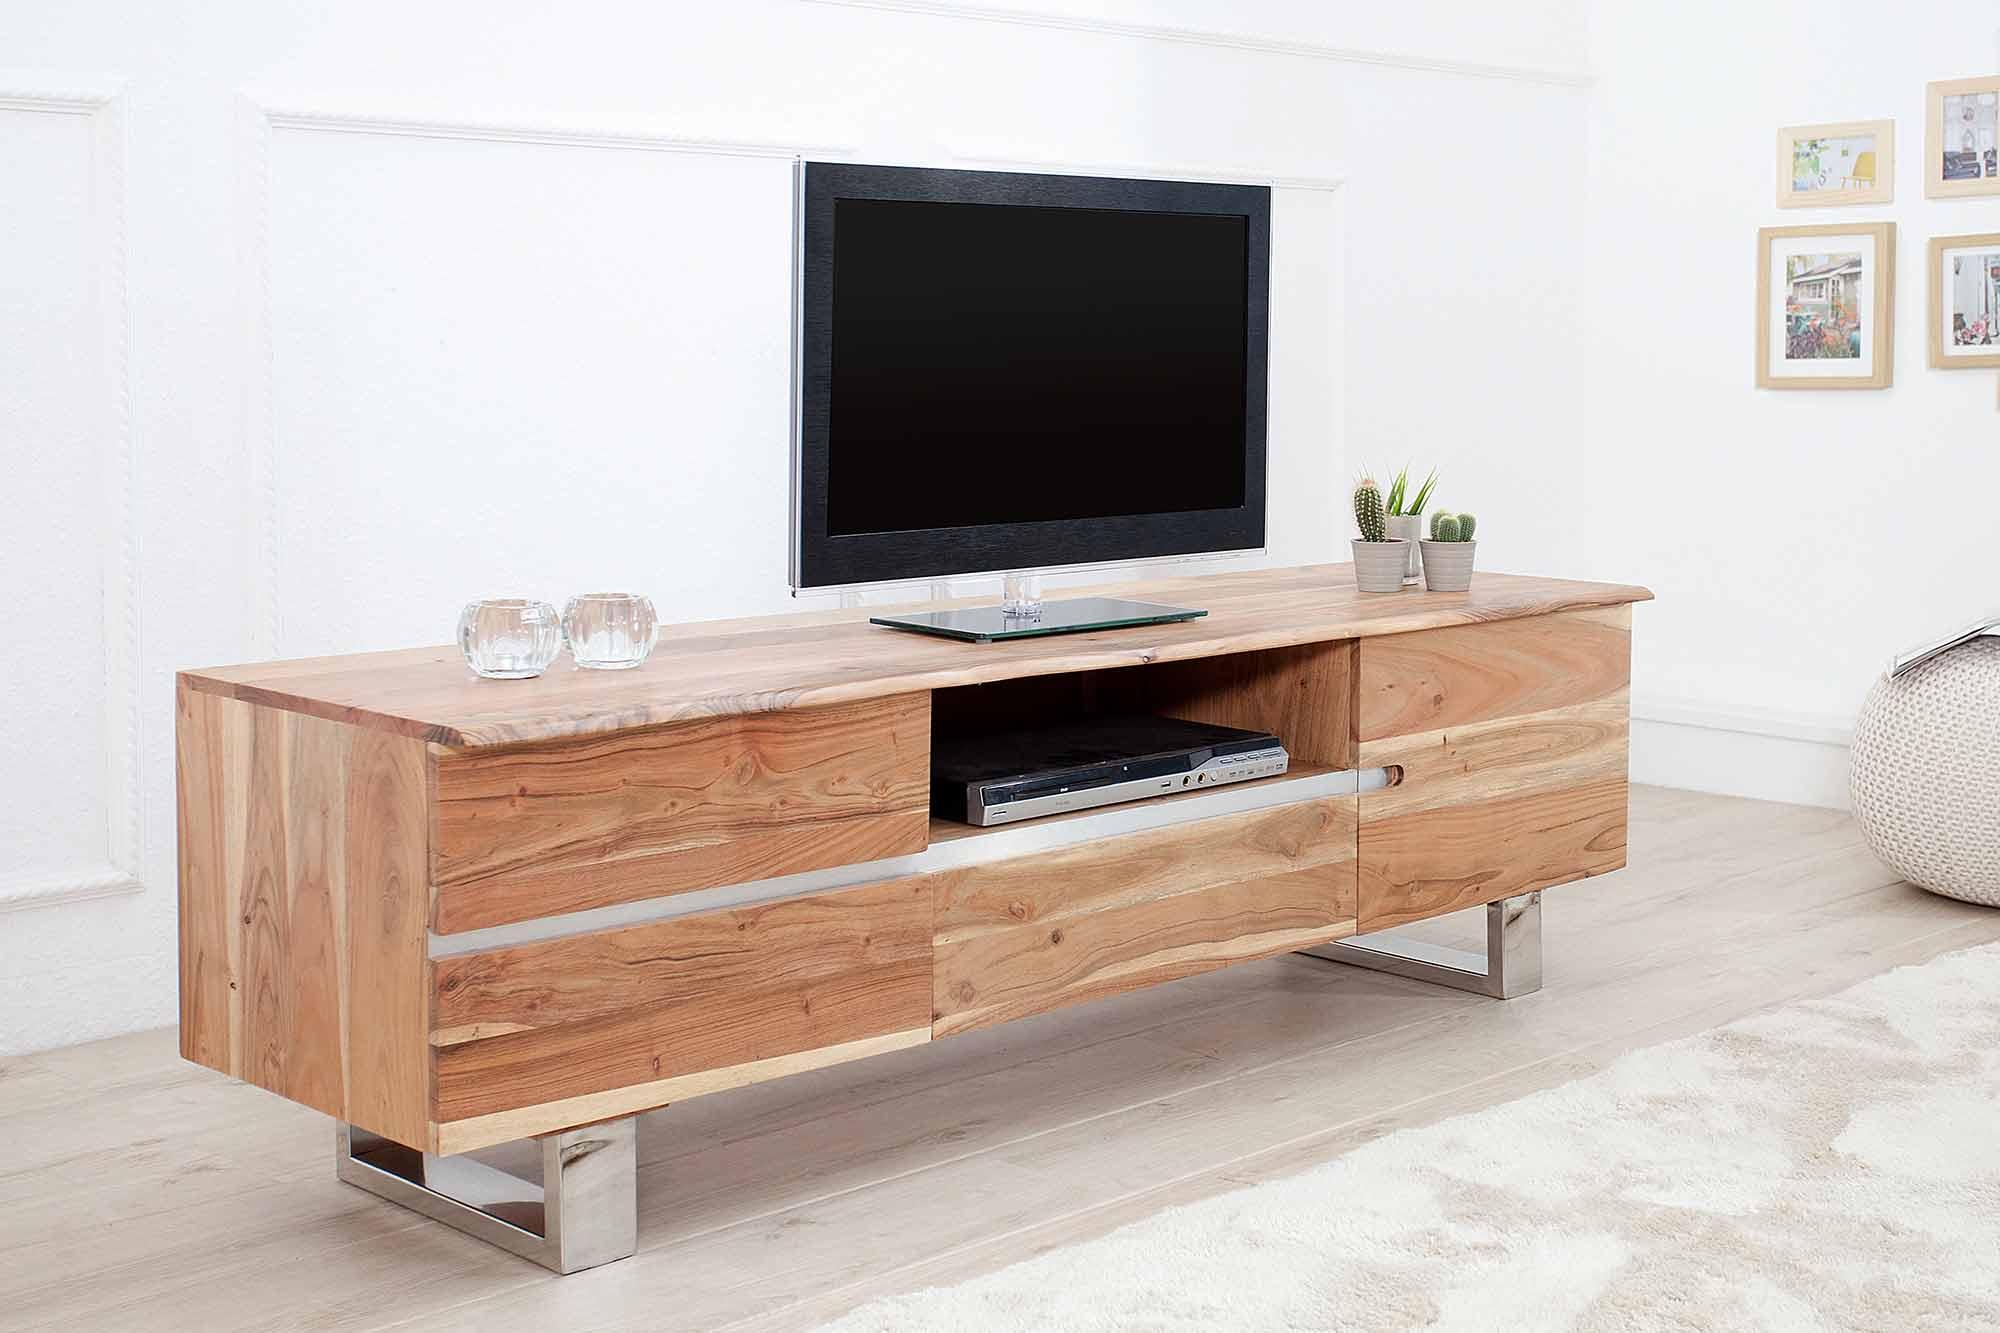 TV stolík, ktorý oživí vašu obývačku. Zdroj: iKuchyne.sk